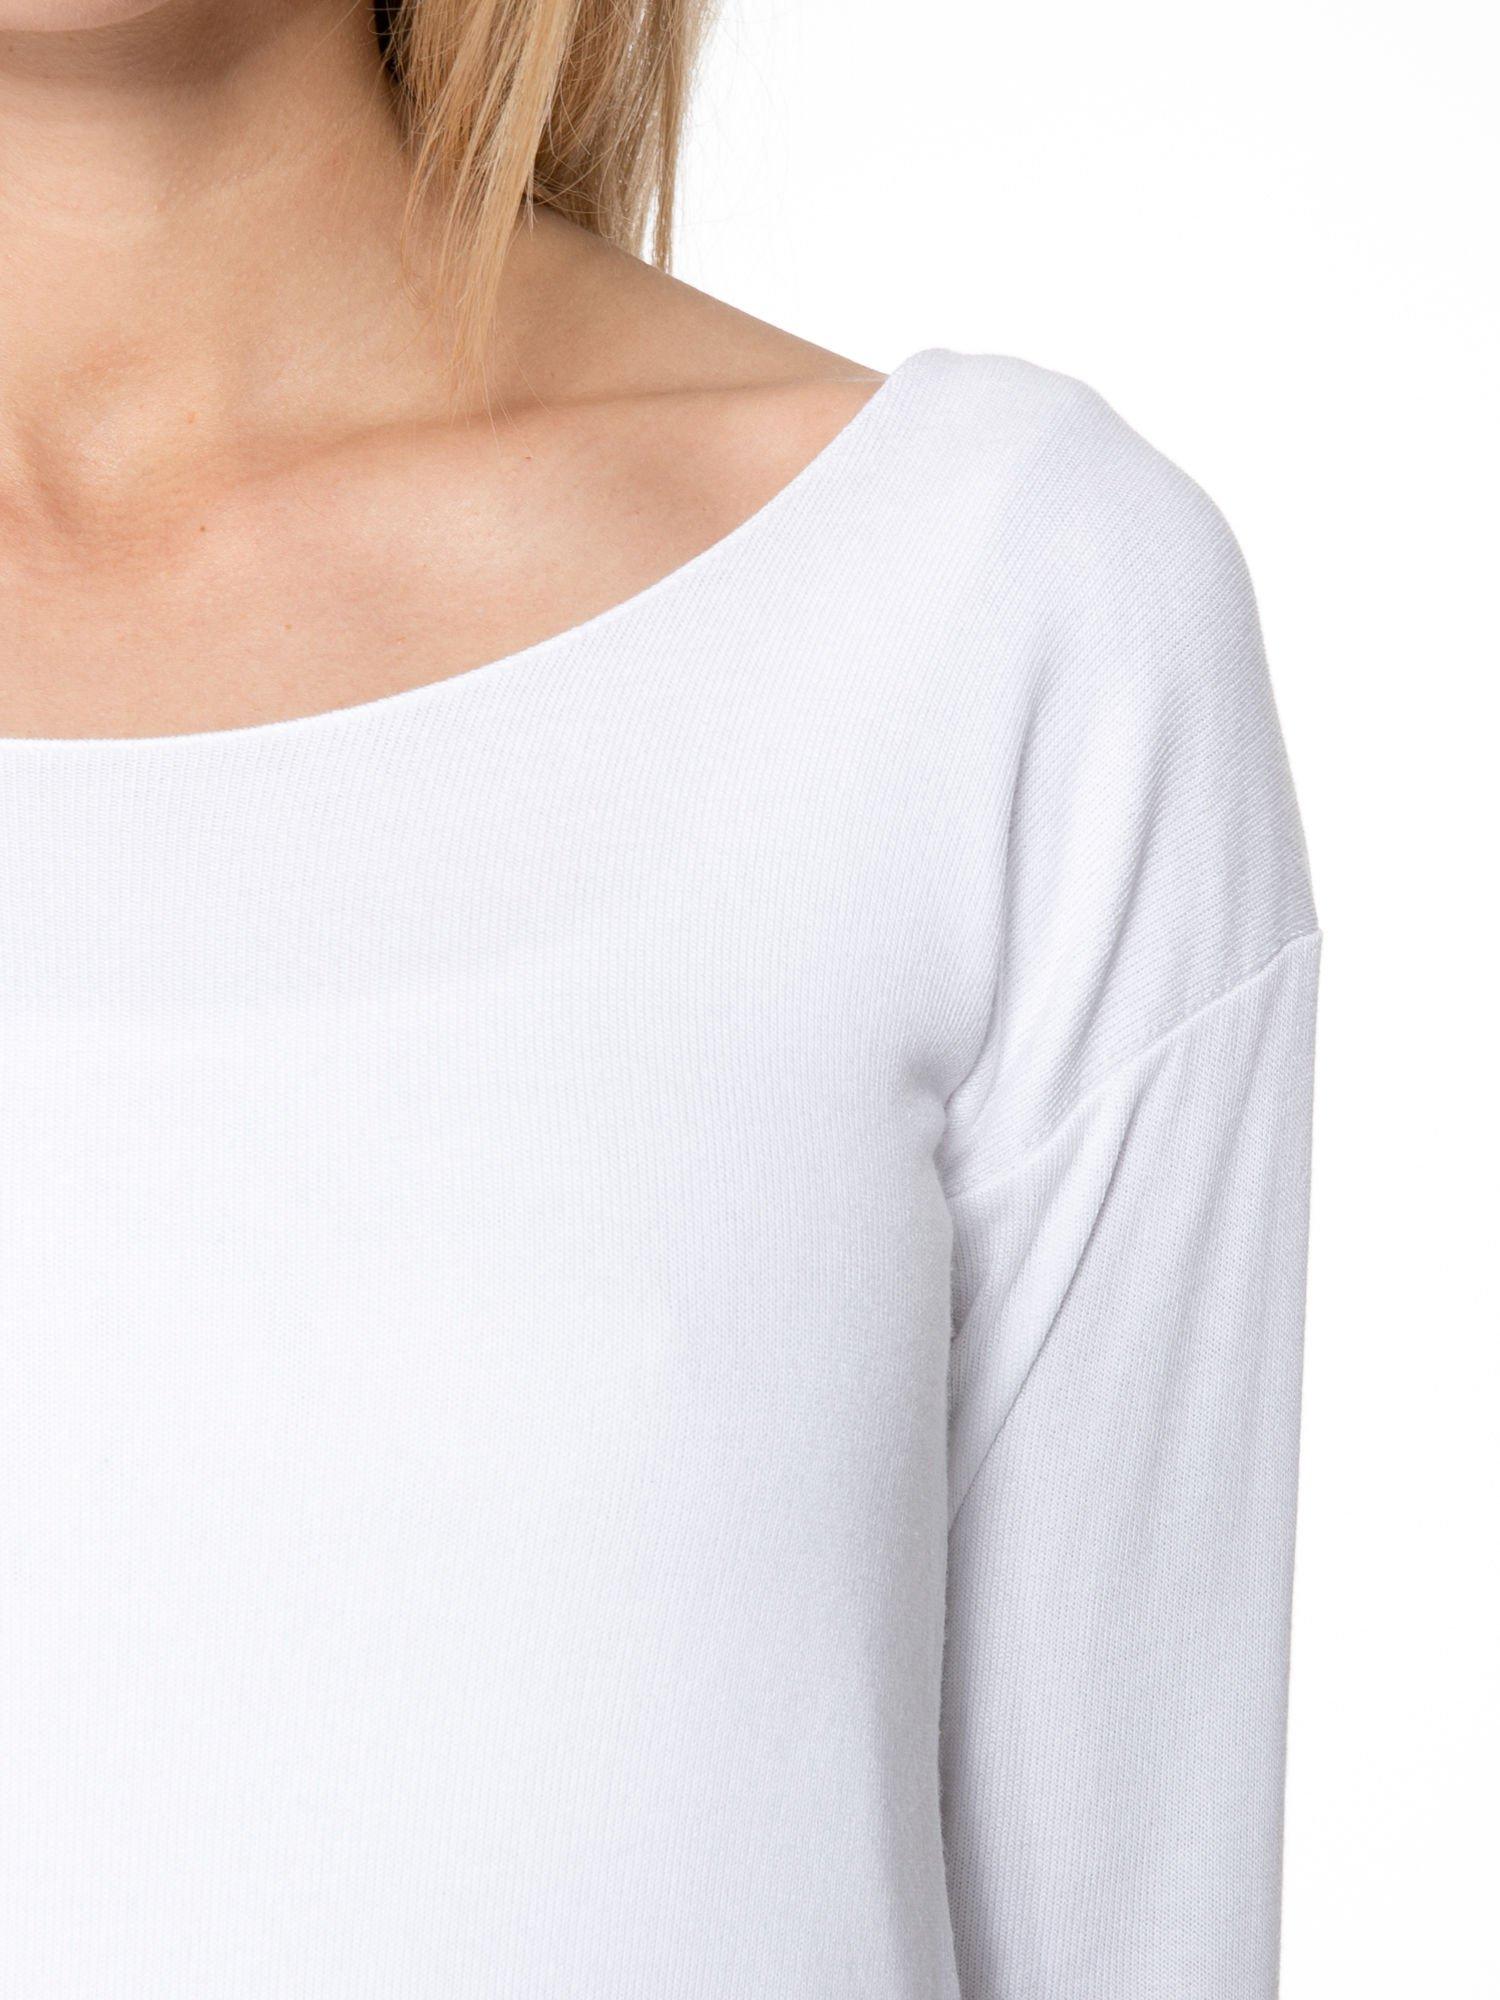 Biała bluzka z kopertowym dekoltem na plecach                                  zdj.                                  5